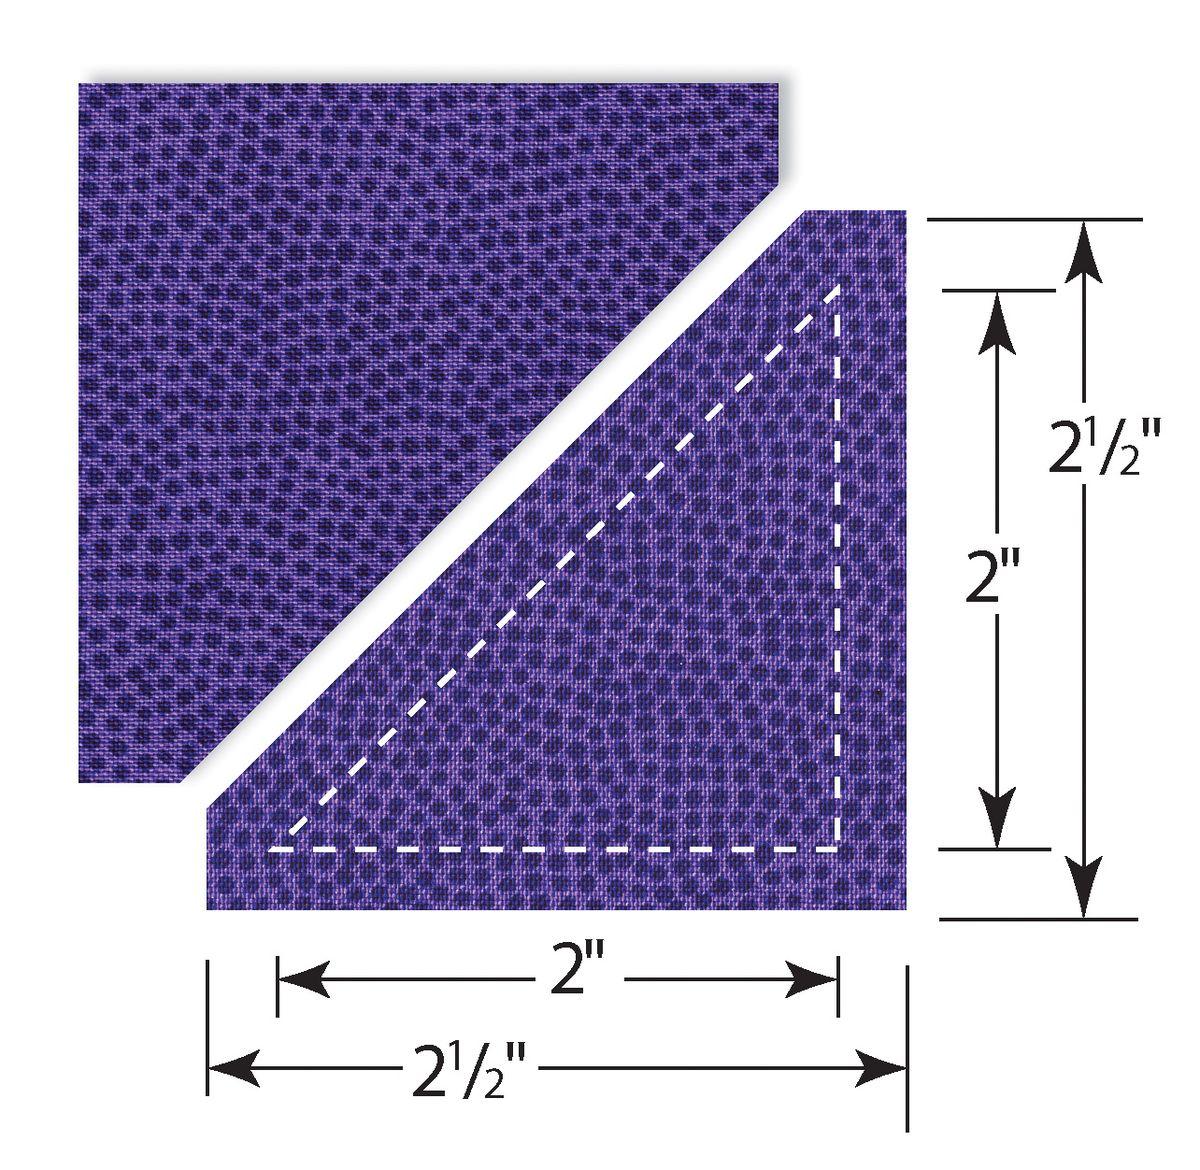 Sizzix Нож для вырубки Bigz Die Треугольники из квадратов, цвет: фиолетовый659831Нож может использоваться для вырубки ткани до 8 слоев, ламинированного хлопка, фетра до 6-8 мм толщиной, картона, кожи. Можно использовать со всеми типами вырубных машинок SIZZIX.